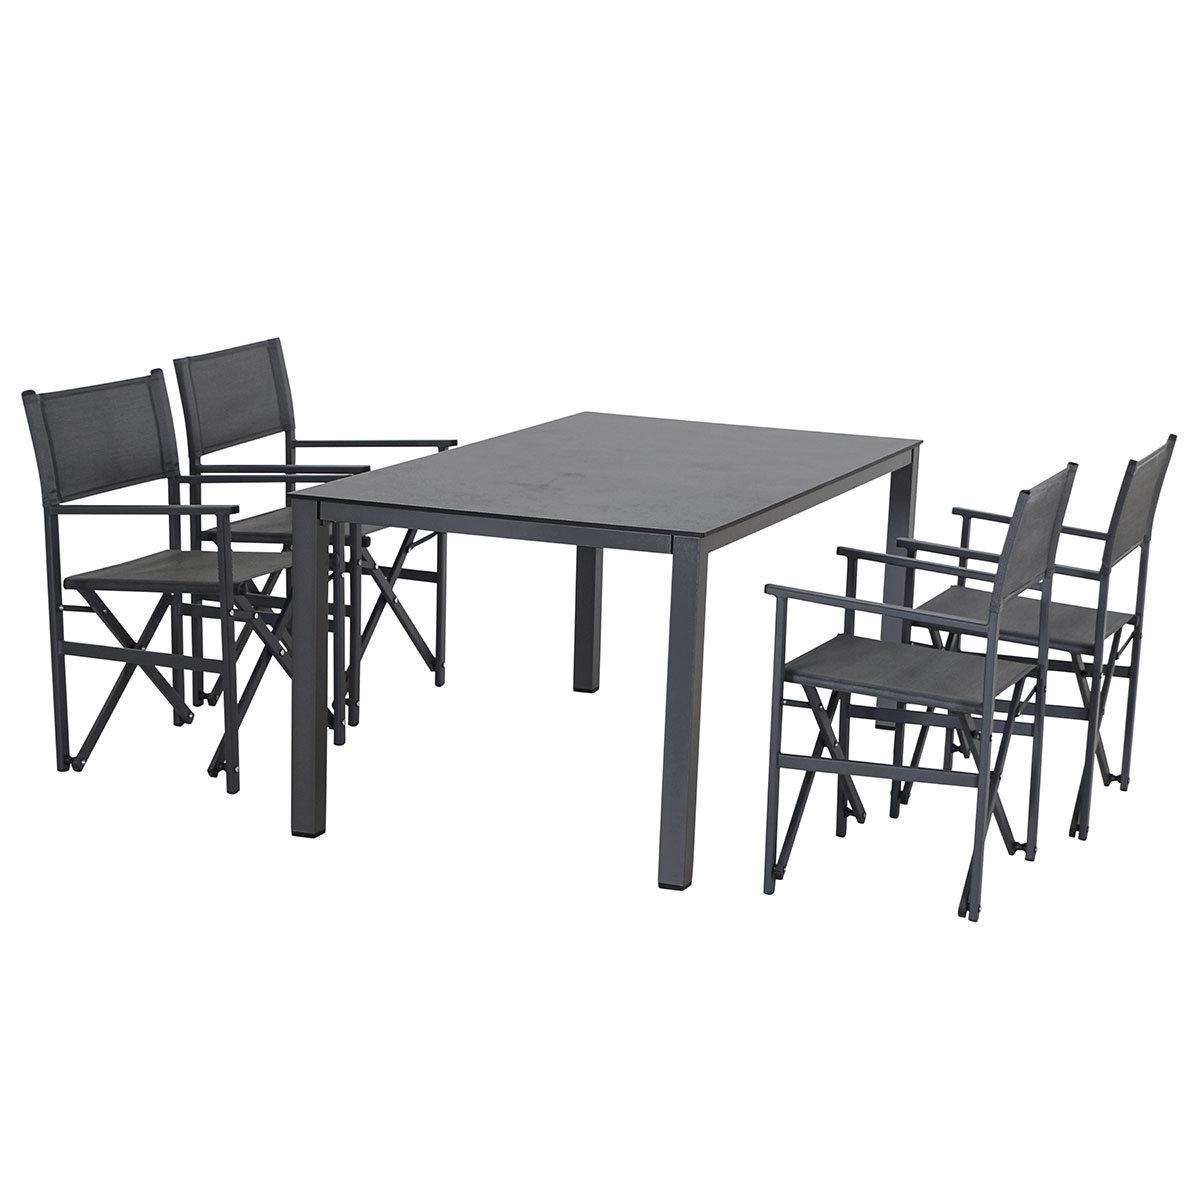 Gartenmöbel-Set Paulo mit 4 Klappsesseln und Dining-Tisch, 160x90 cm | #2